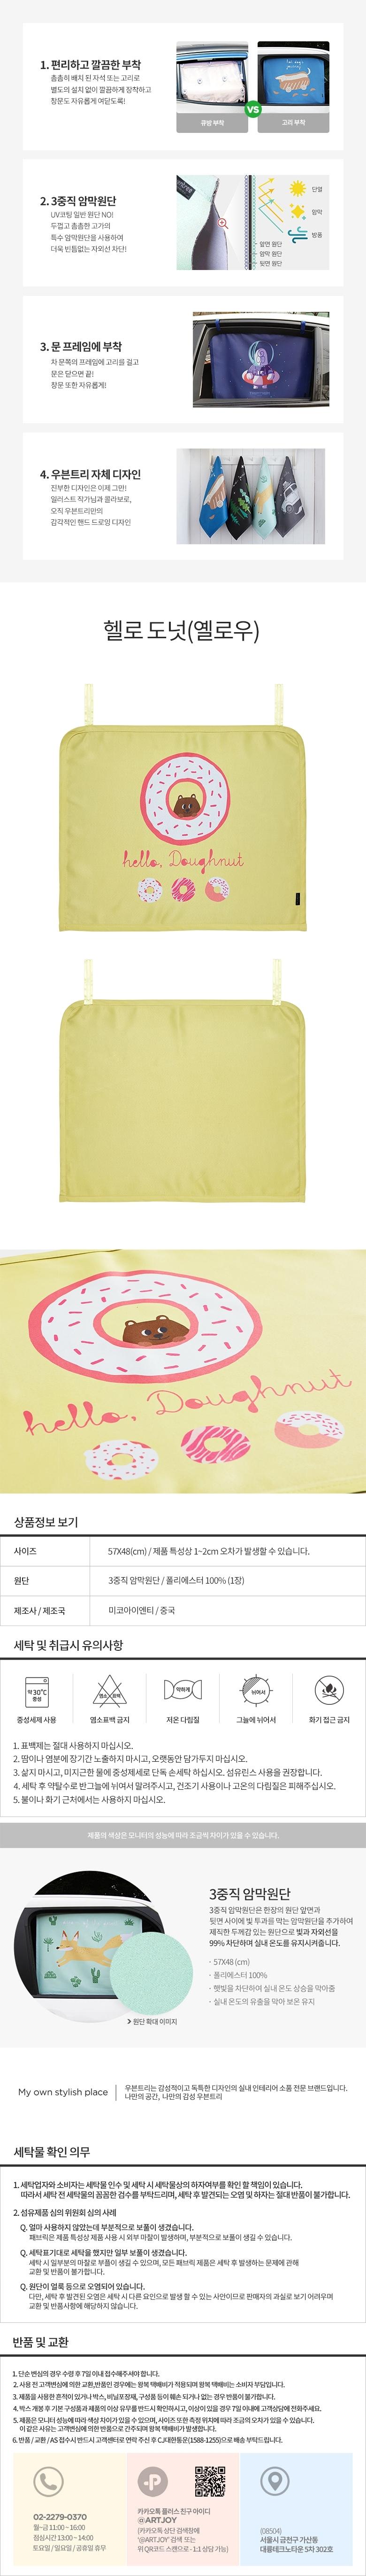 우븐트리 차량용 햇빛가리개 (고리형) 헬로 도넛 (옐로우) - 아트조이, 9,900원, 카인테리어, 햇빛가리개